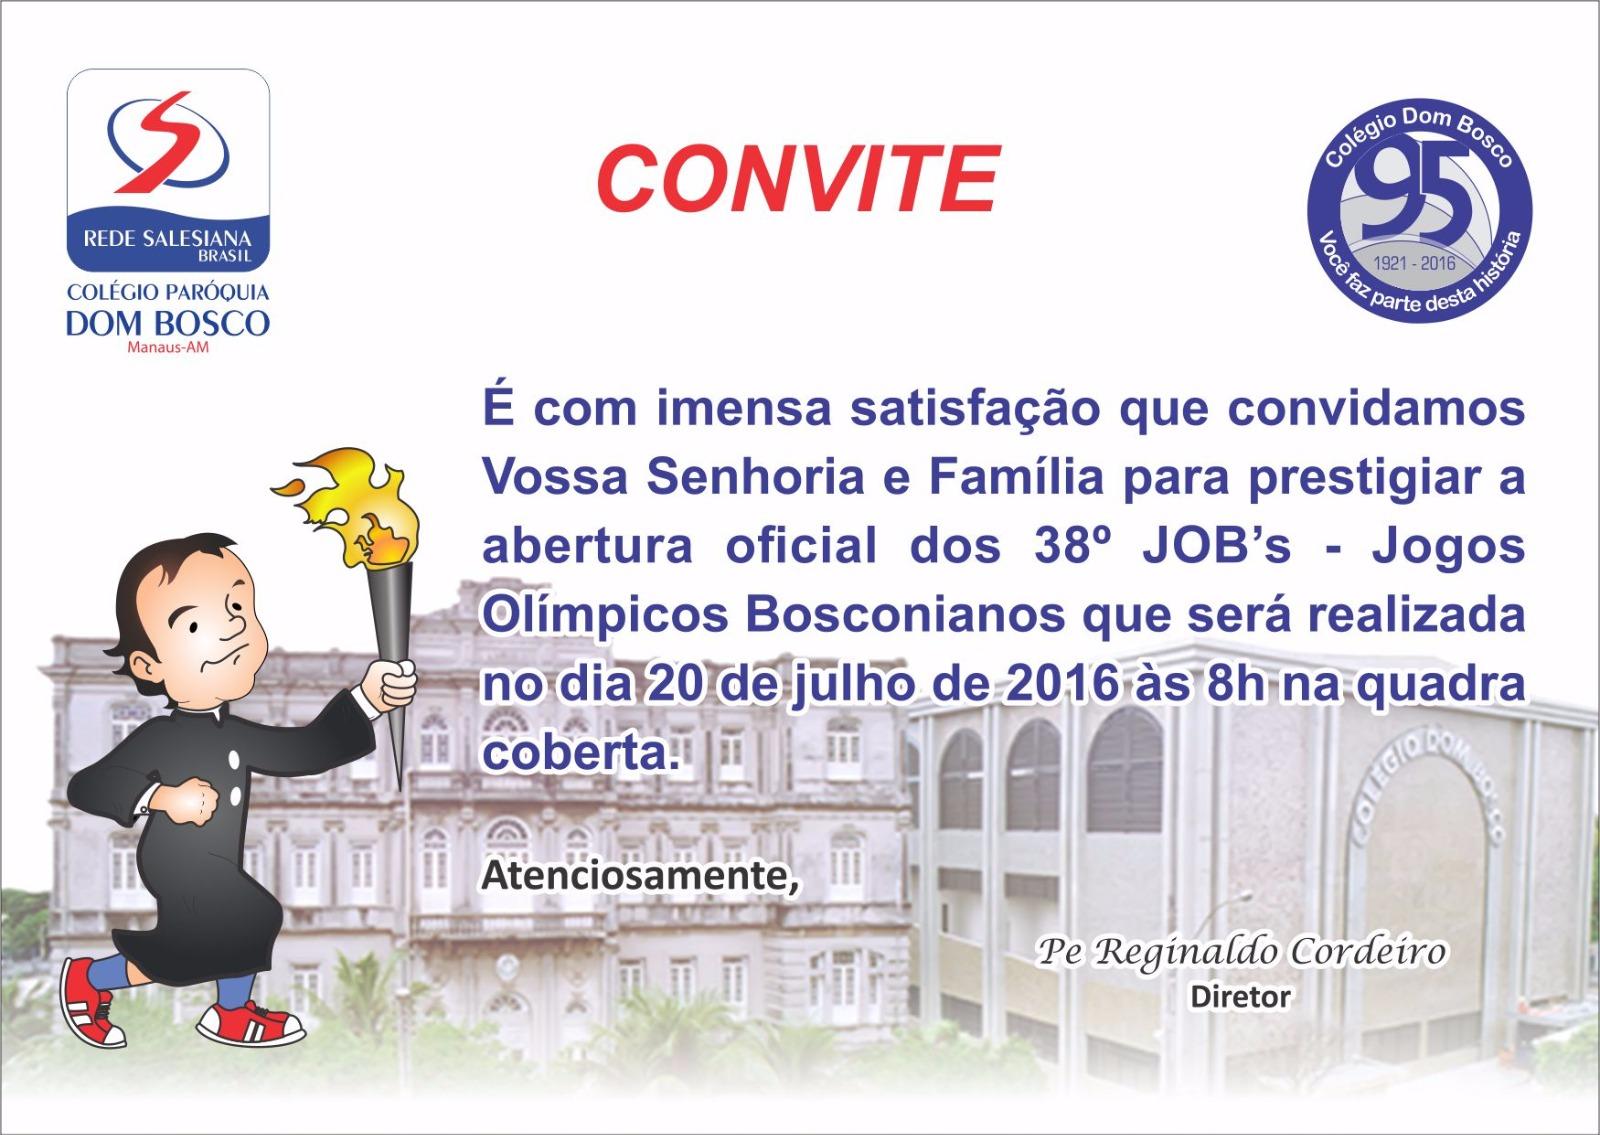 Convite_abertura_jobs